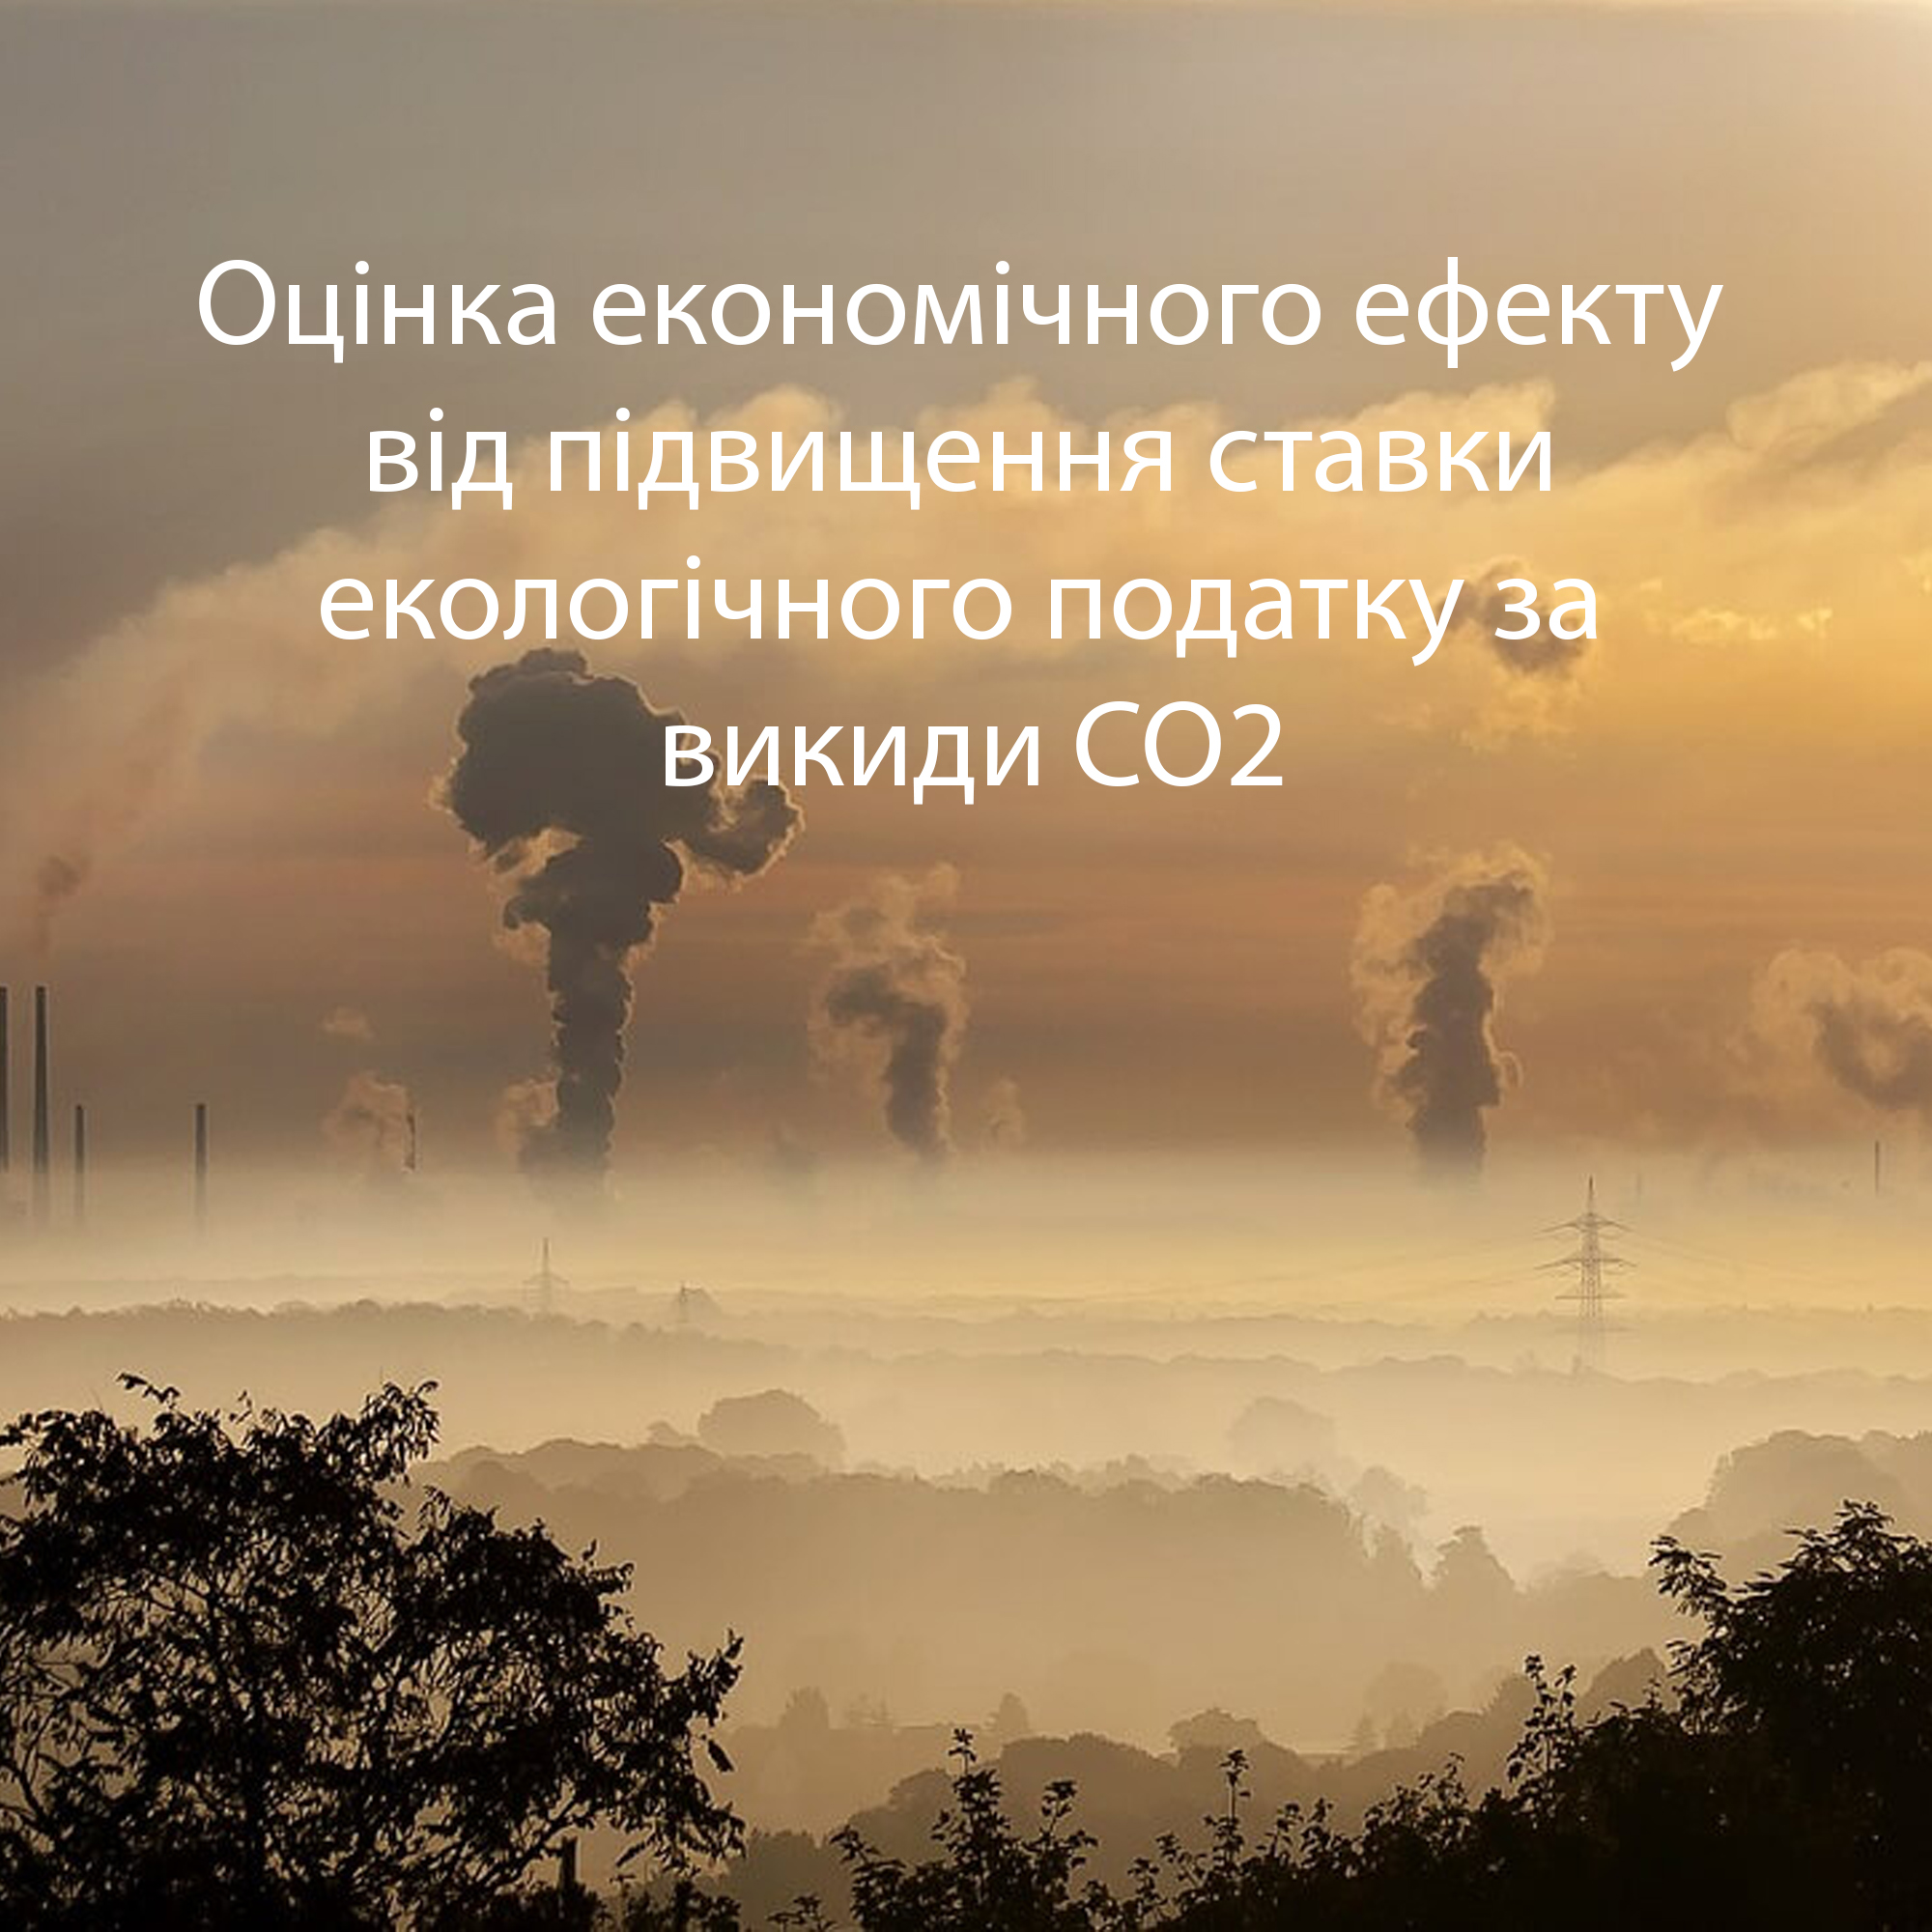 Оцінка економічного ефекту від підвищення ставки екологічного податку за викиди СО2